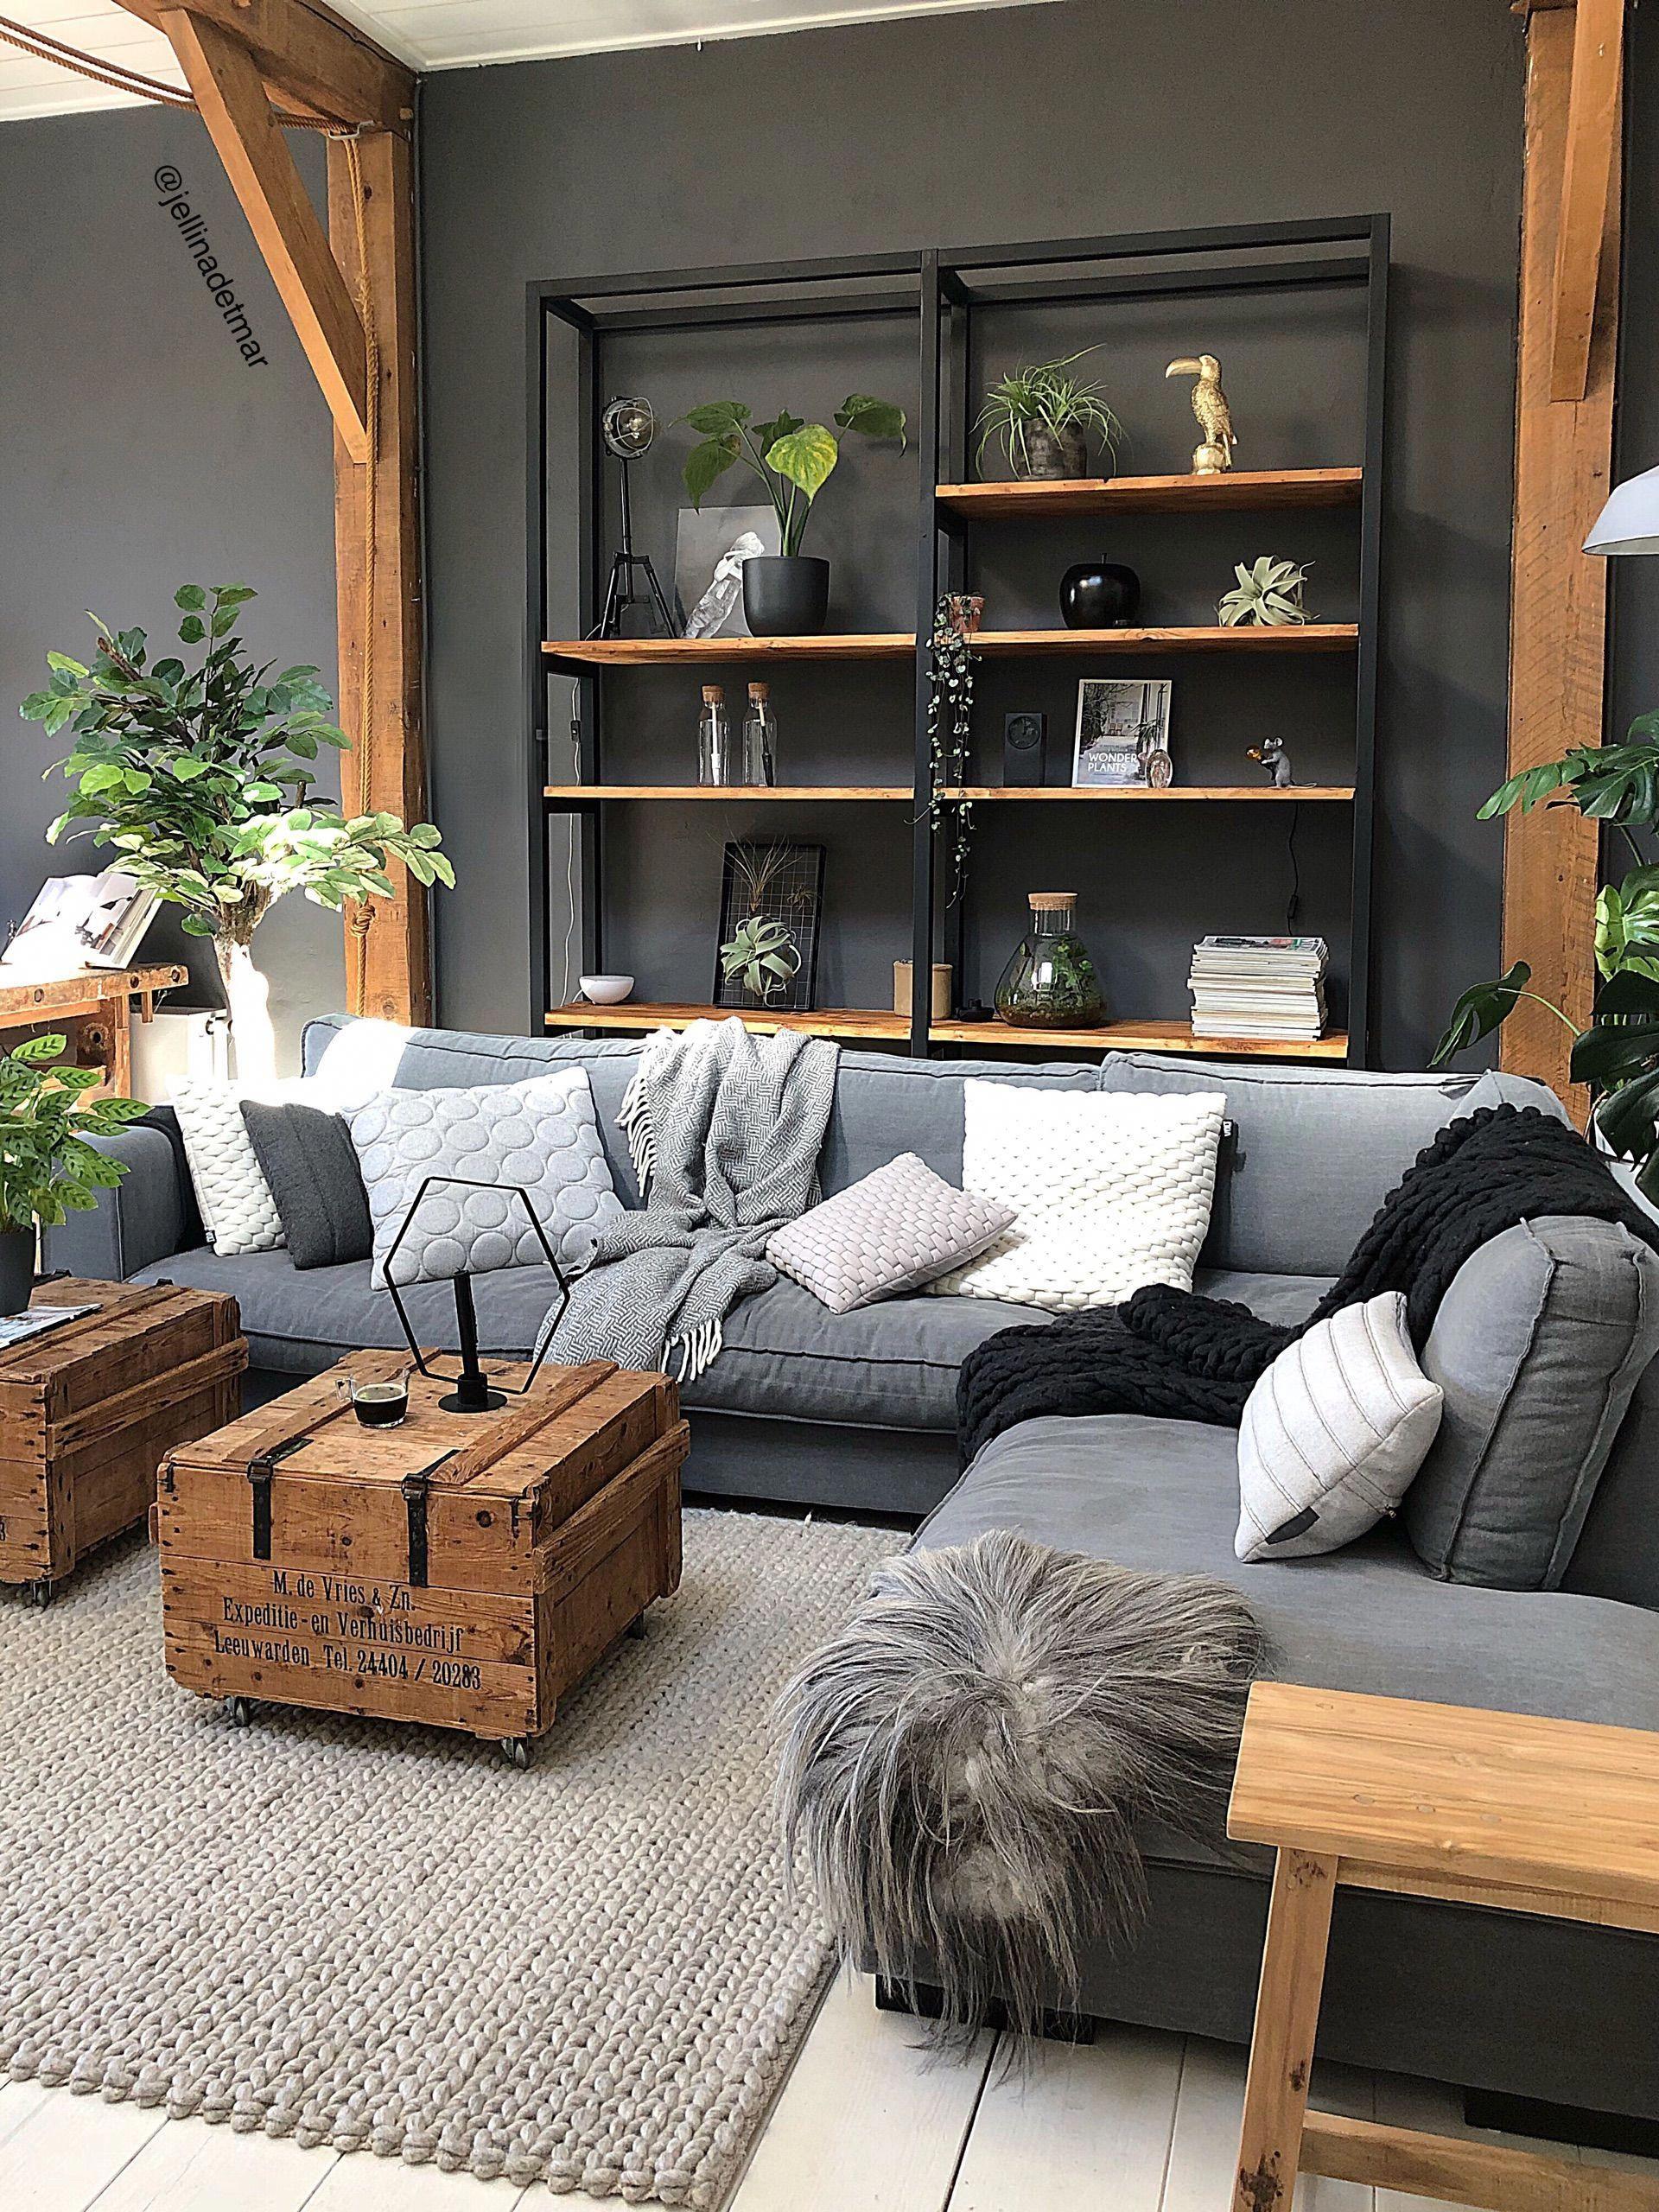 Sitting Room Ideas Best Living Room Ideas Living Hall Interior Design 20190324 Interior Design Living Room Living Room Grey Living Room Designs Best living room ideas